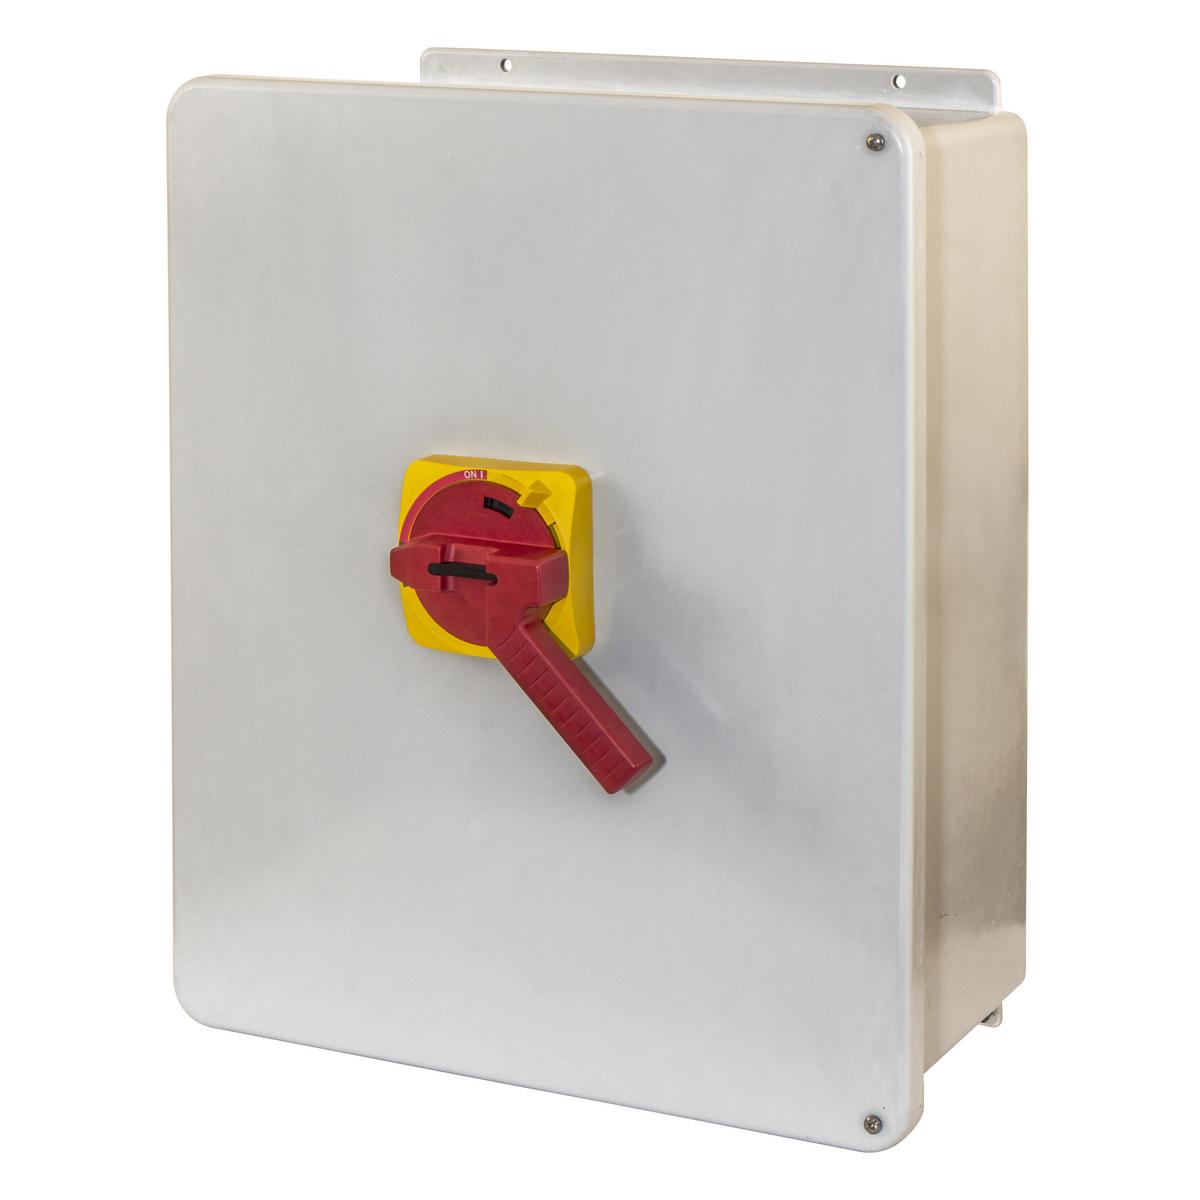 Wiring Device-KellemsHBLDS20